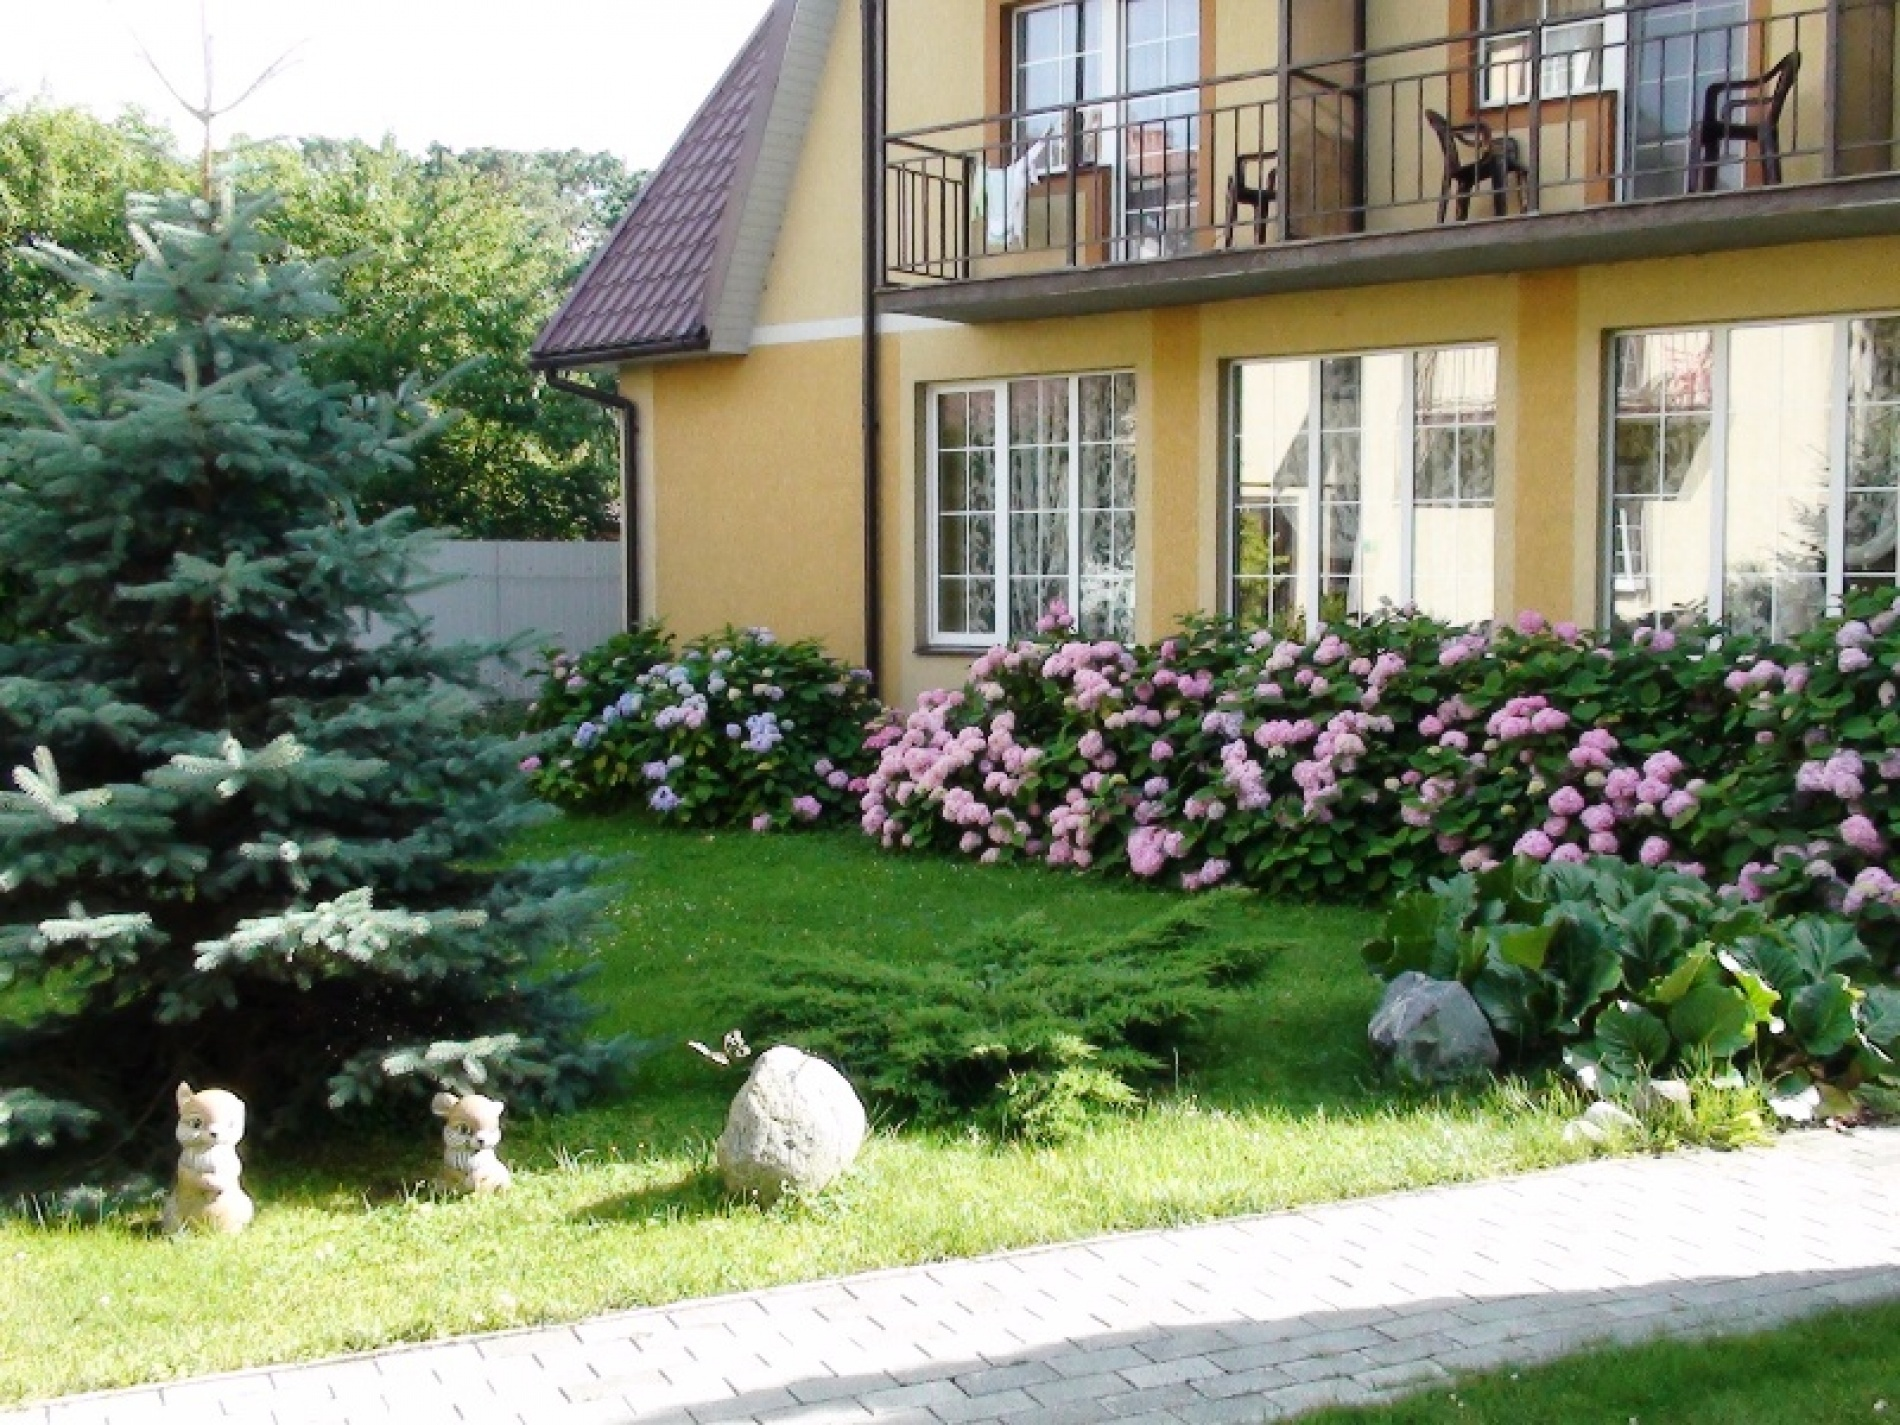 Гостевой дом «Понарт» Калининградская область, фото 7